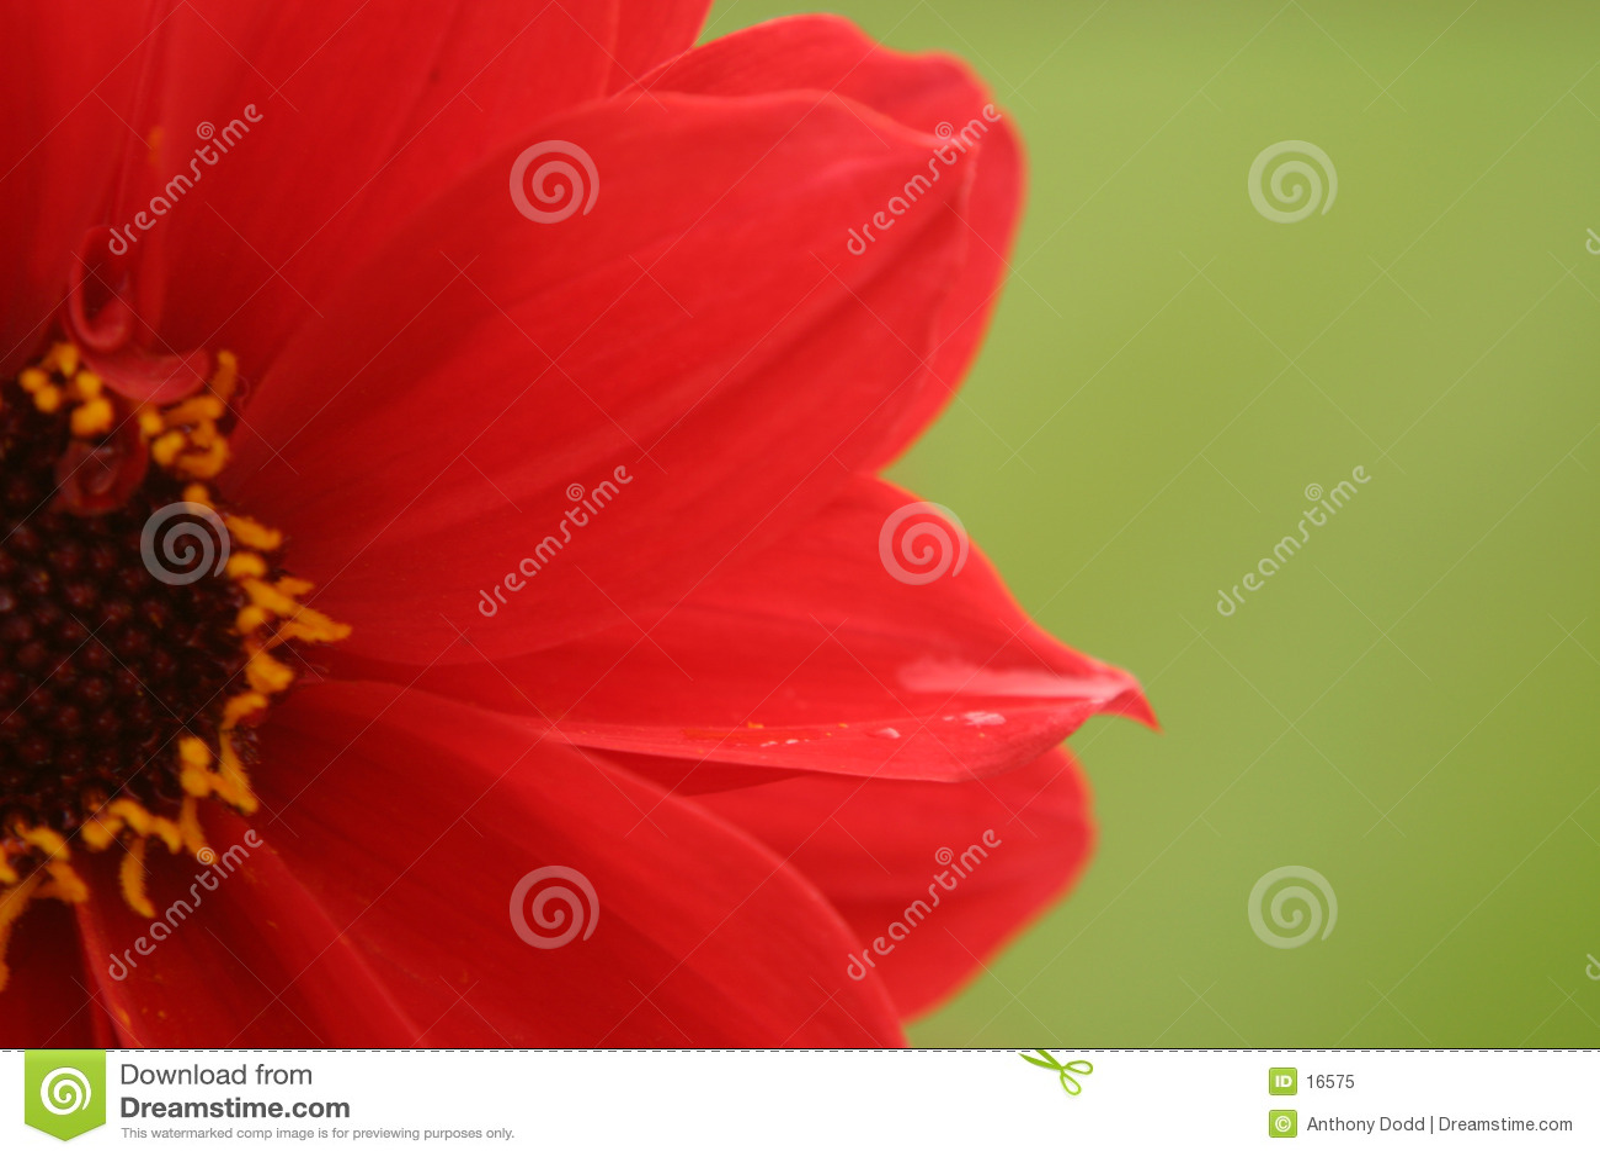 Fleur rouge, fond vert